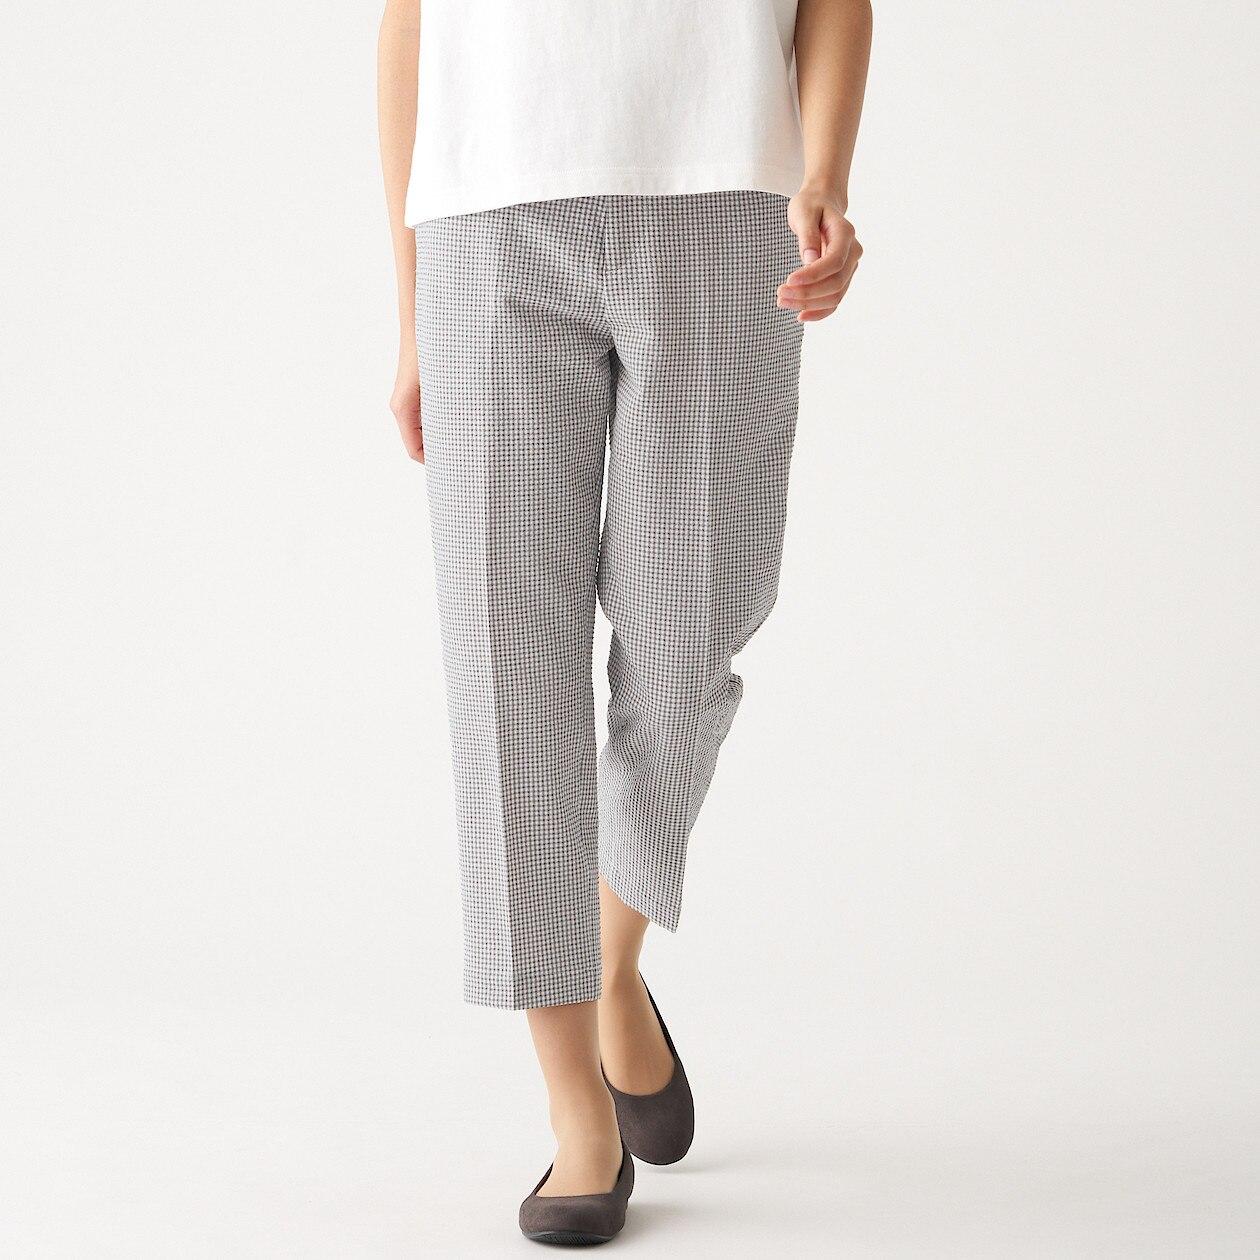 女聚酯纖維彈性泡泡紗錐形褲 墨灰格紋M | 無印良品